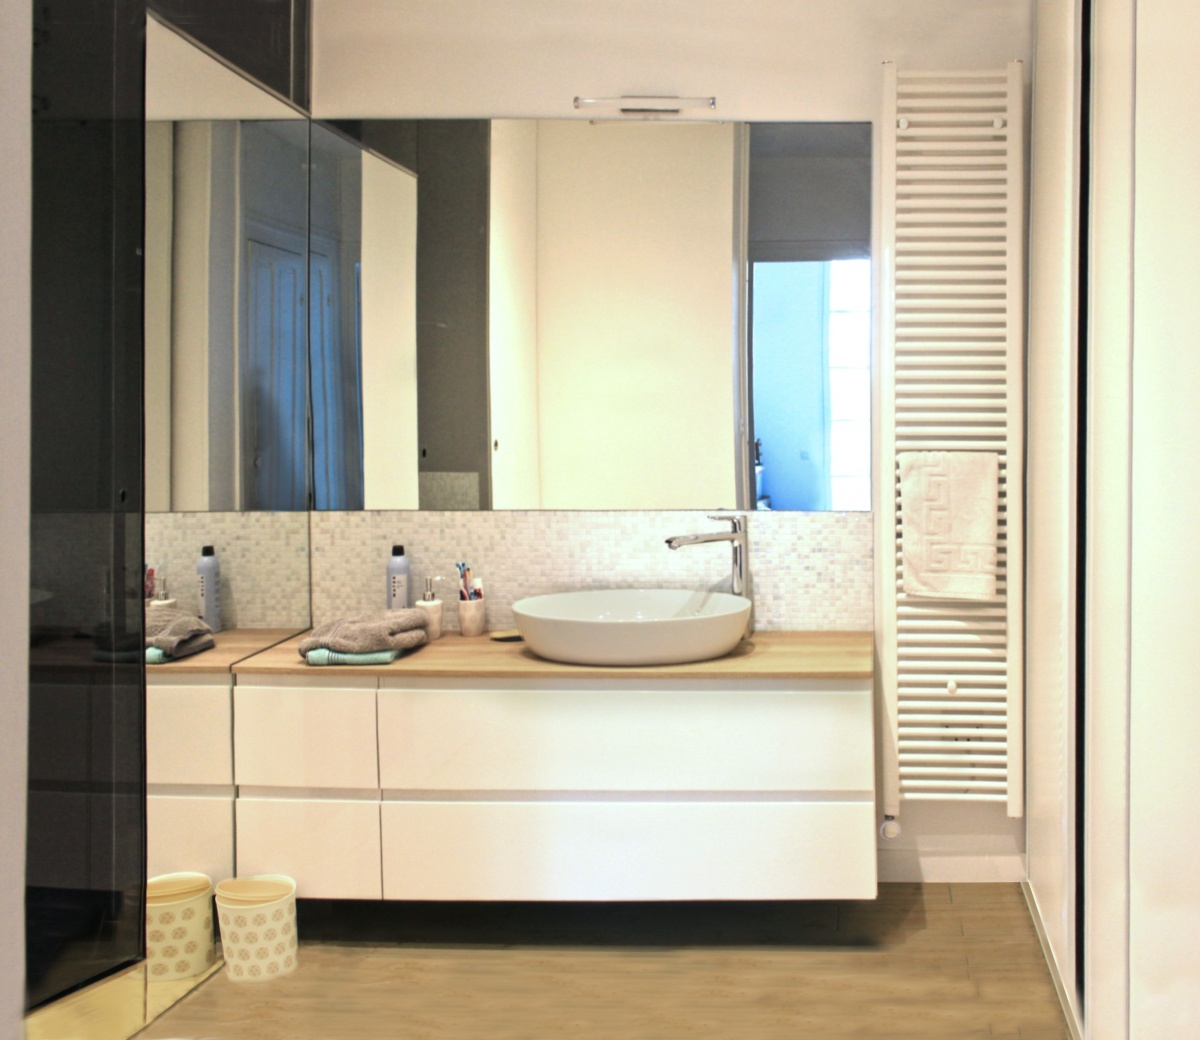 Rénovation d'un appartement de type haussmanien : 4 vasque